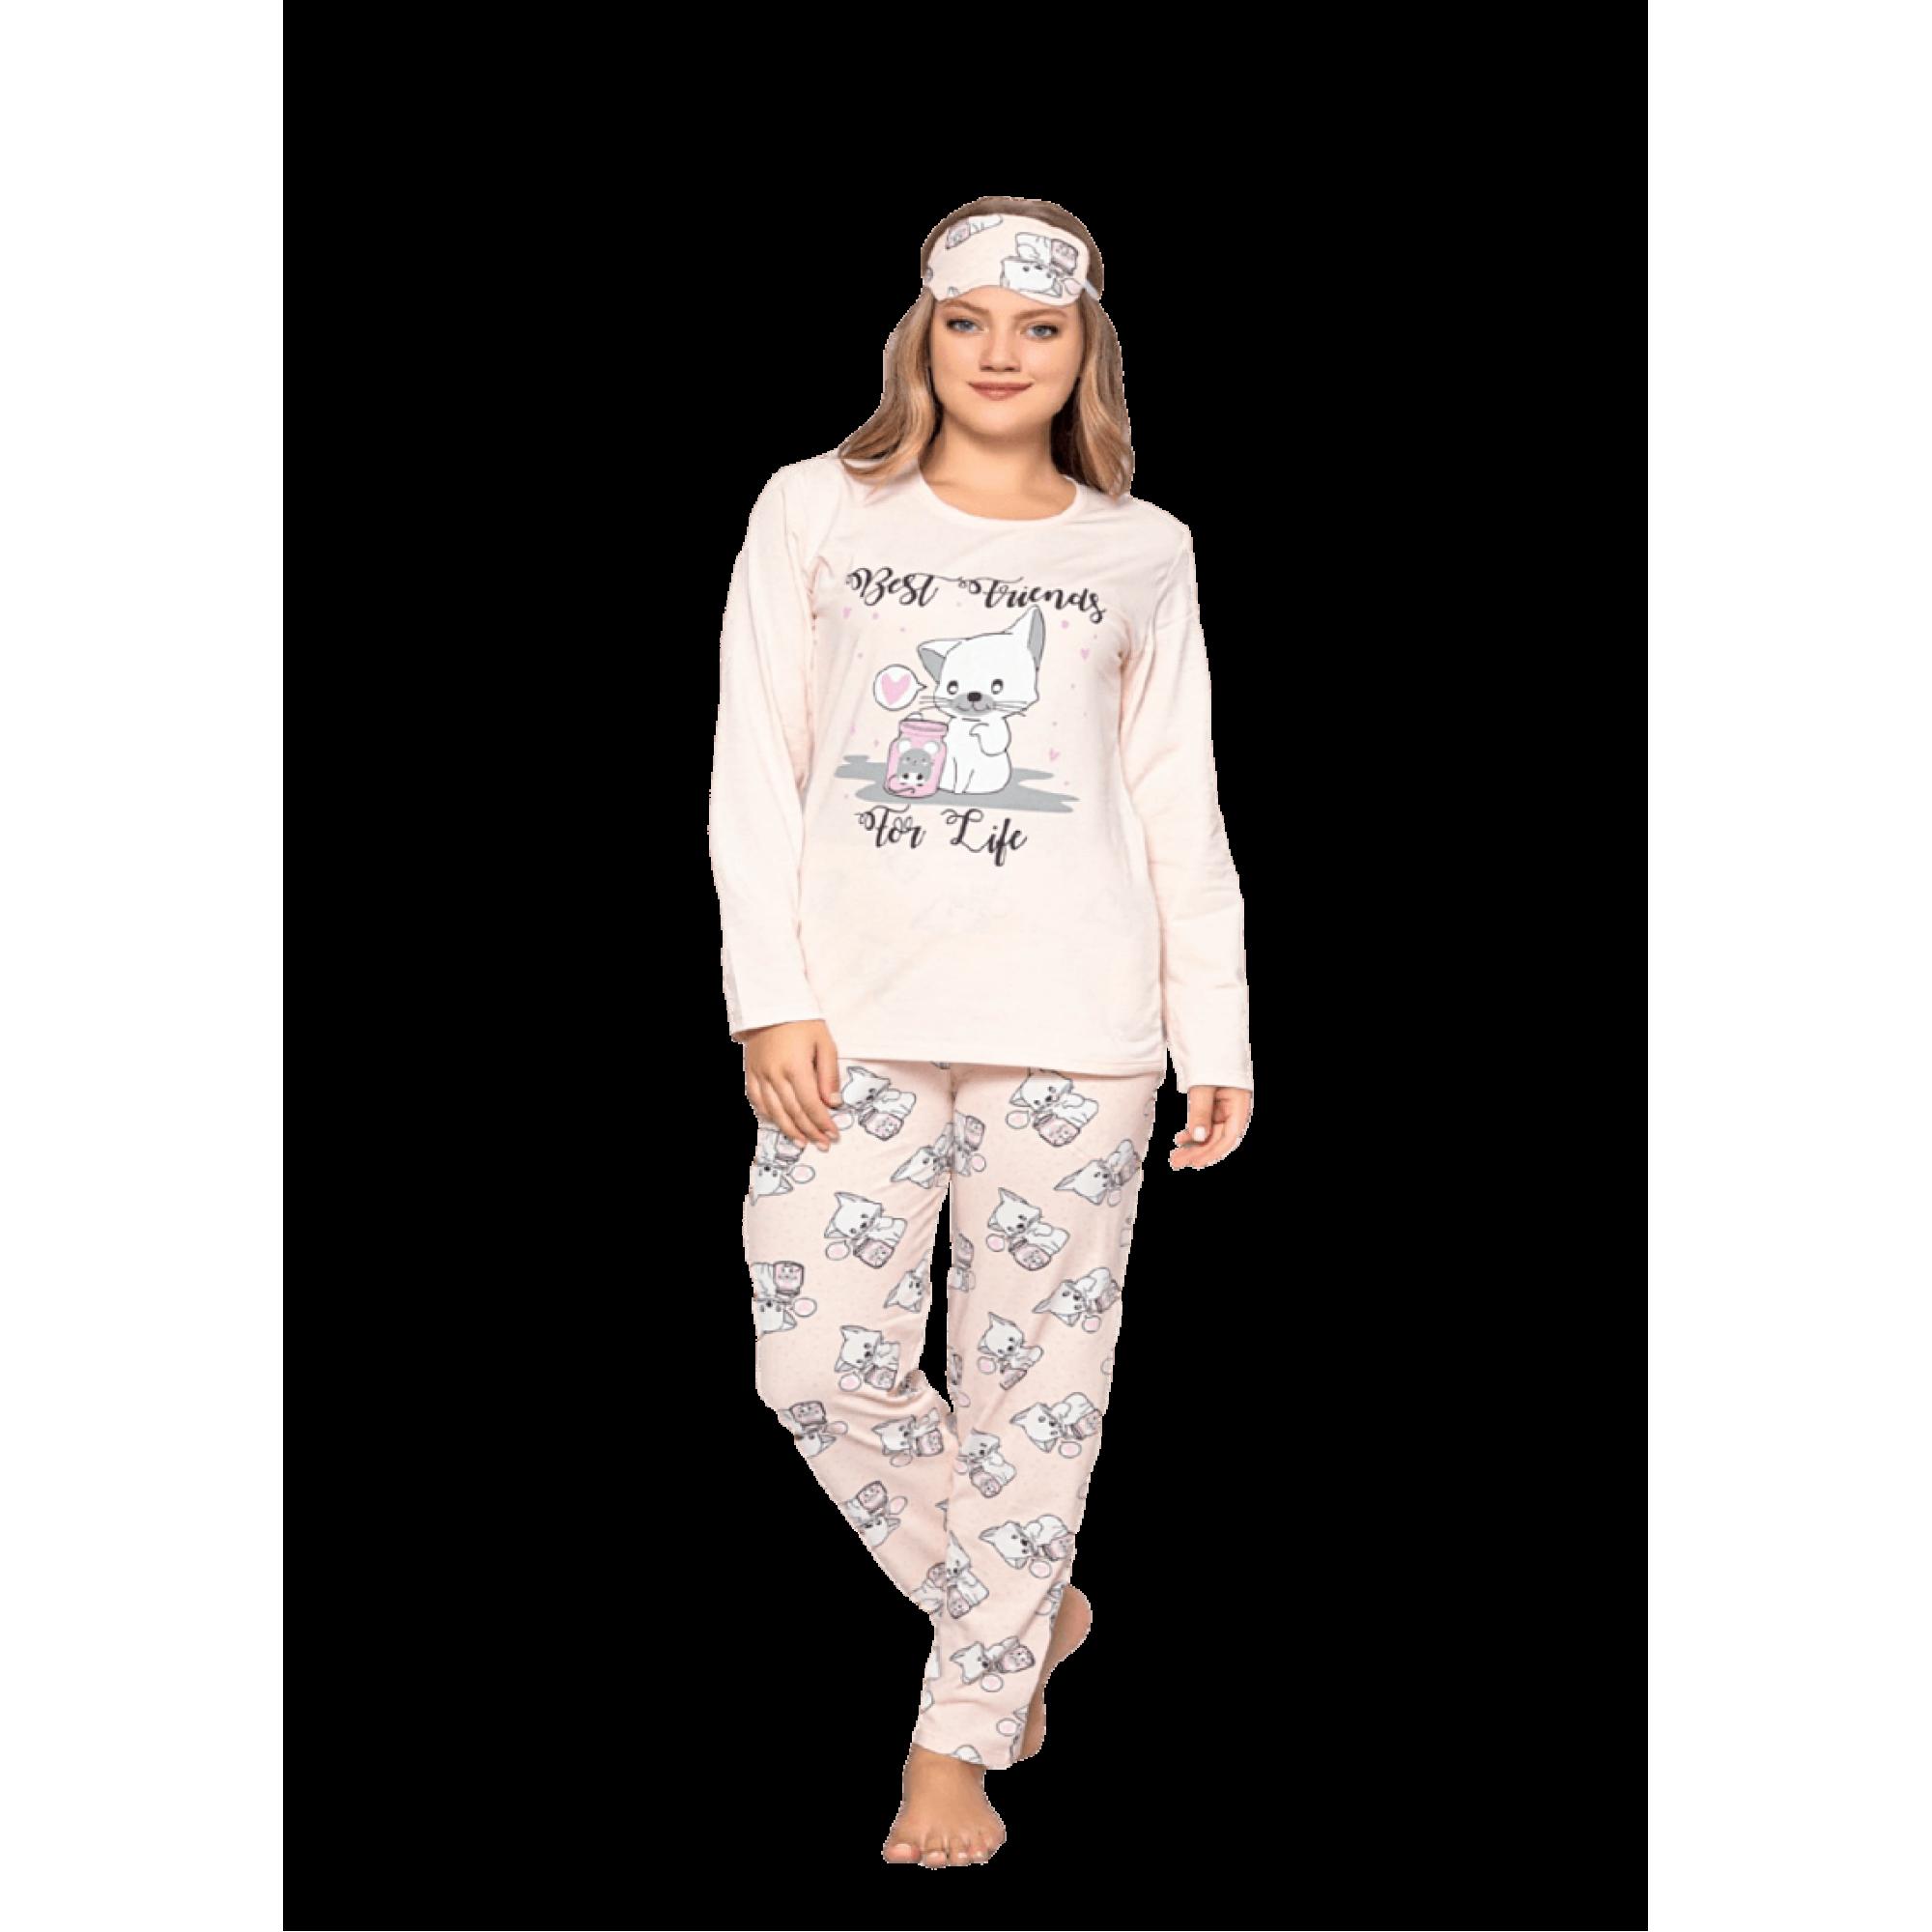 Ватирана дамска пижама For life